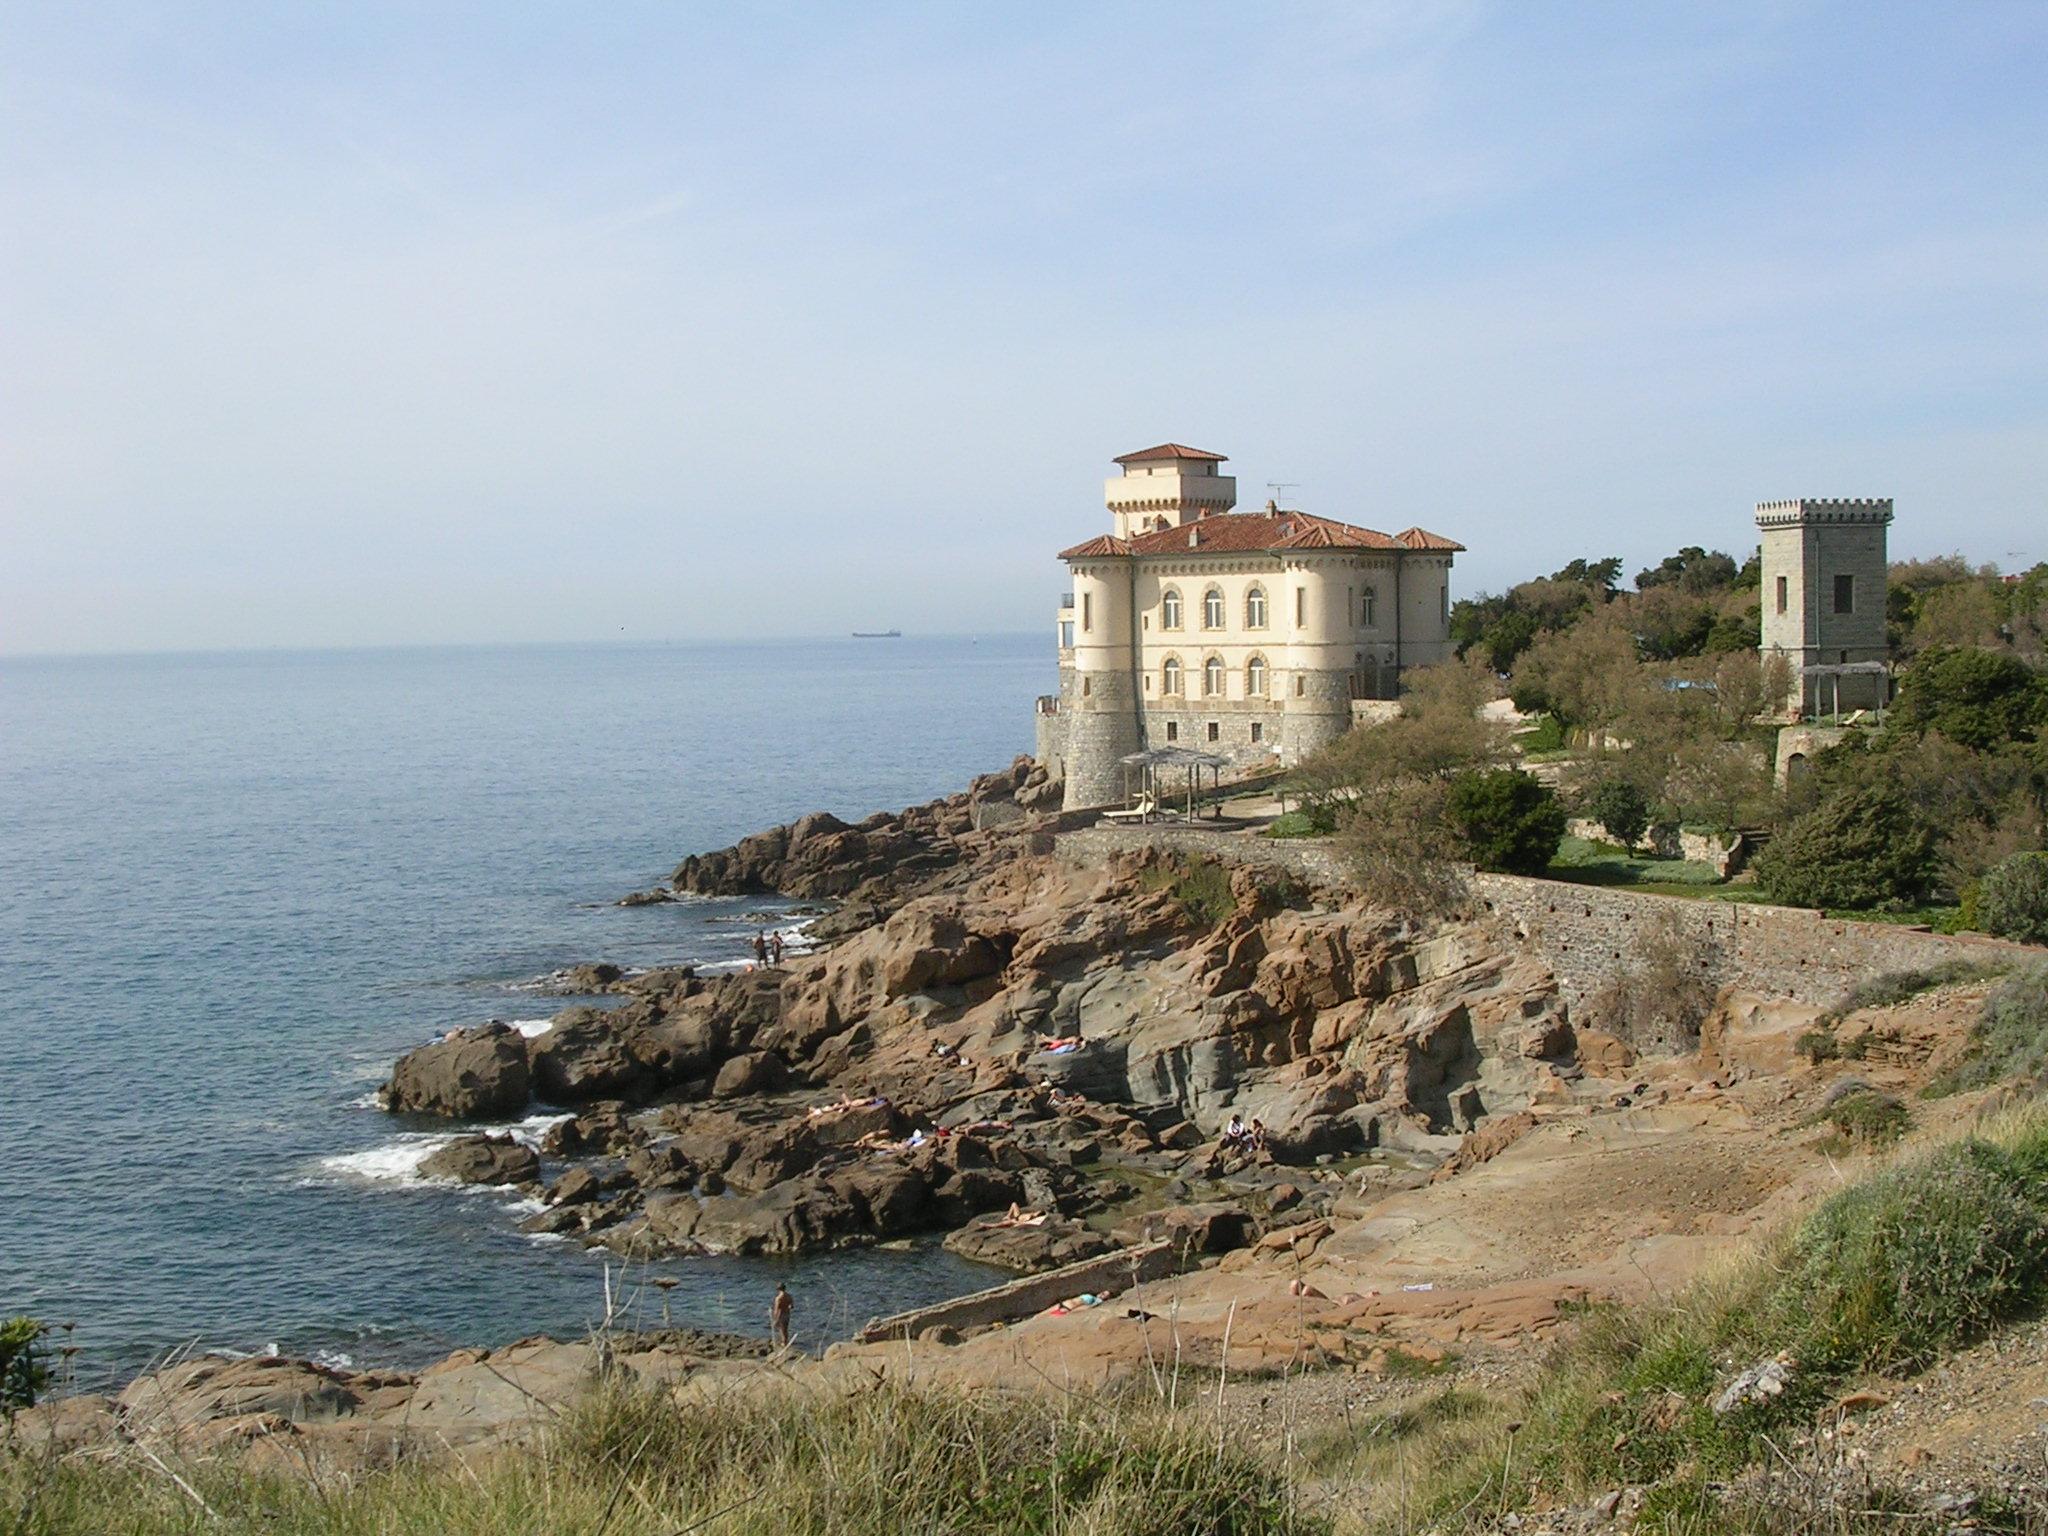 File:Livorno Castello del Boccale.JPG - Wikipedia